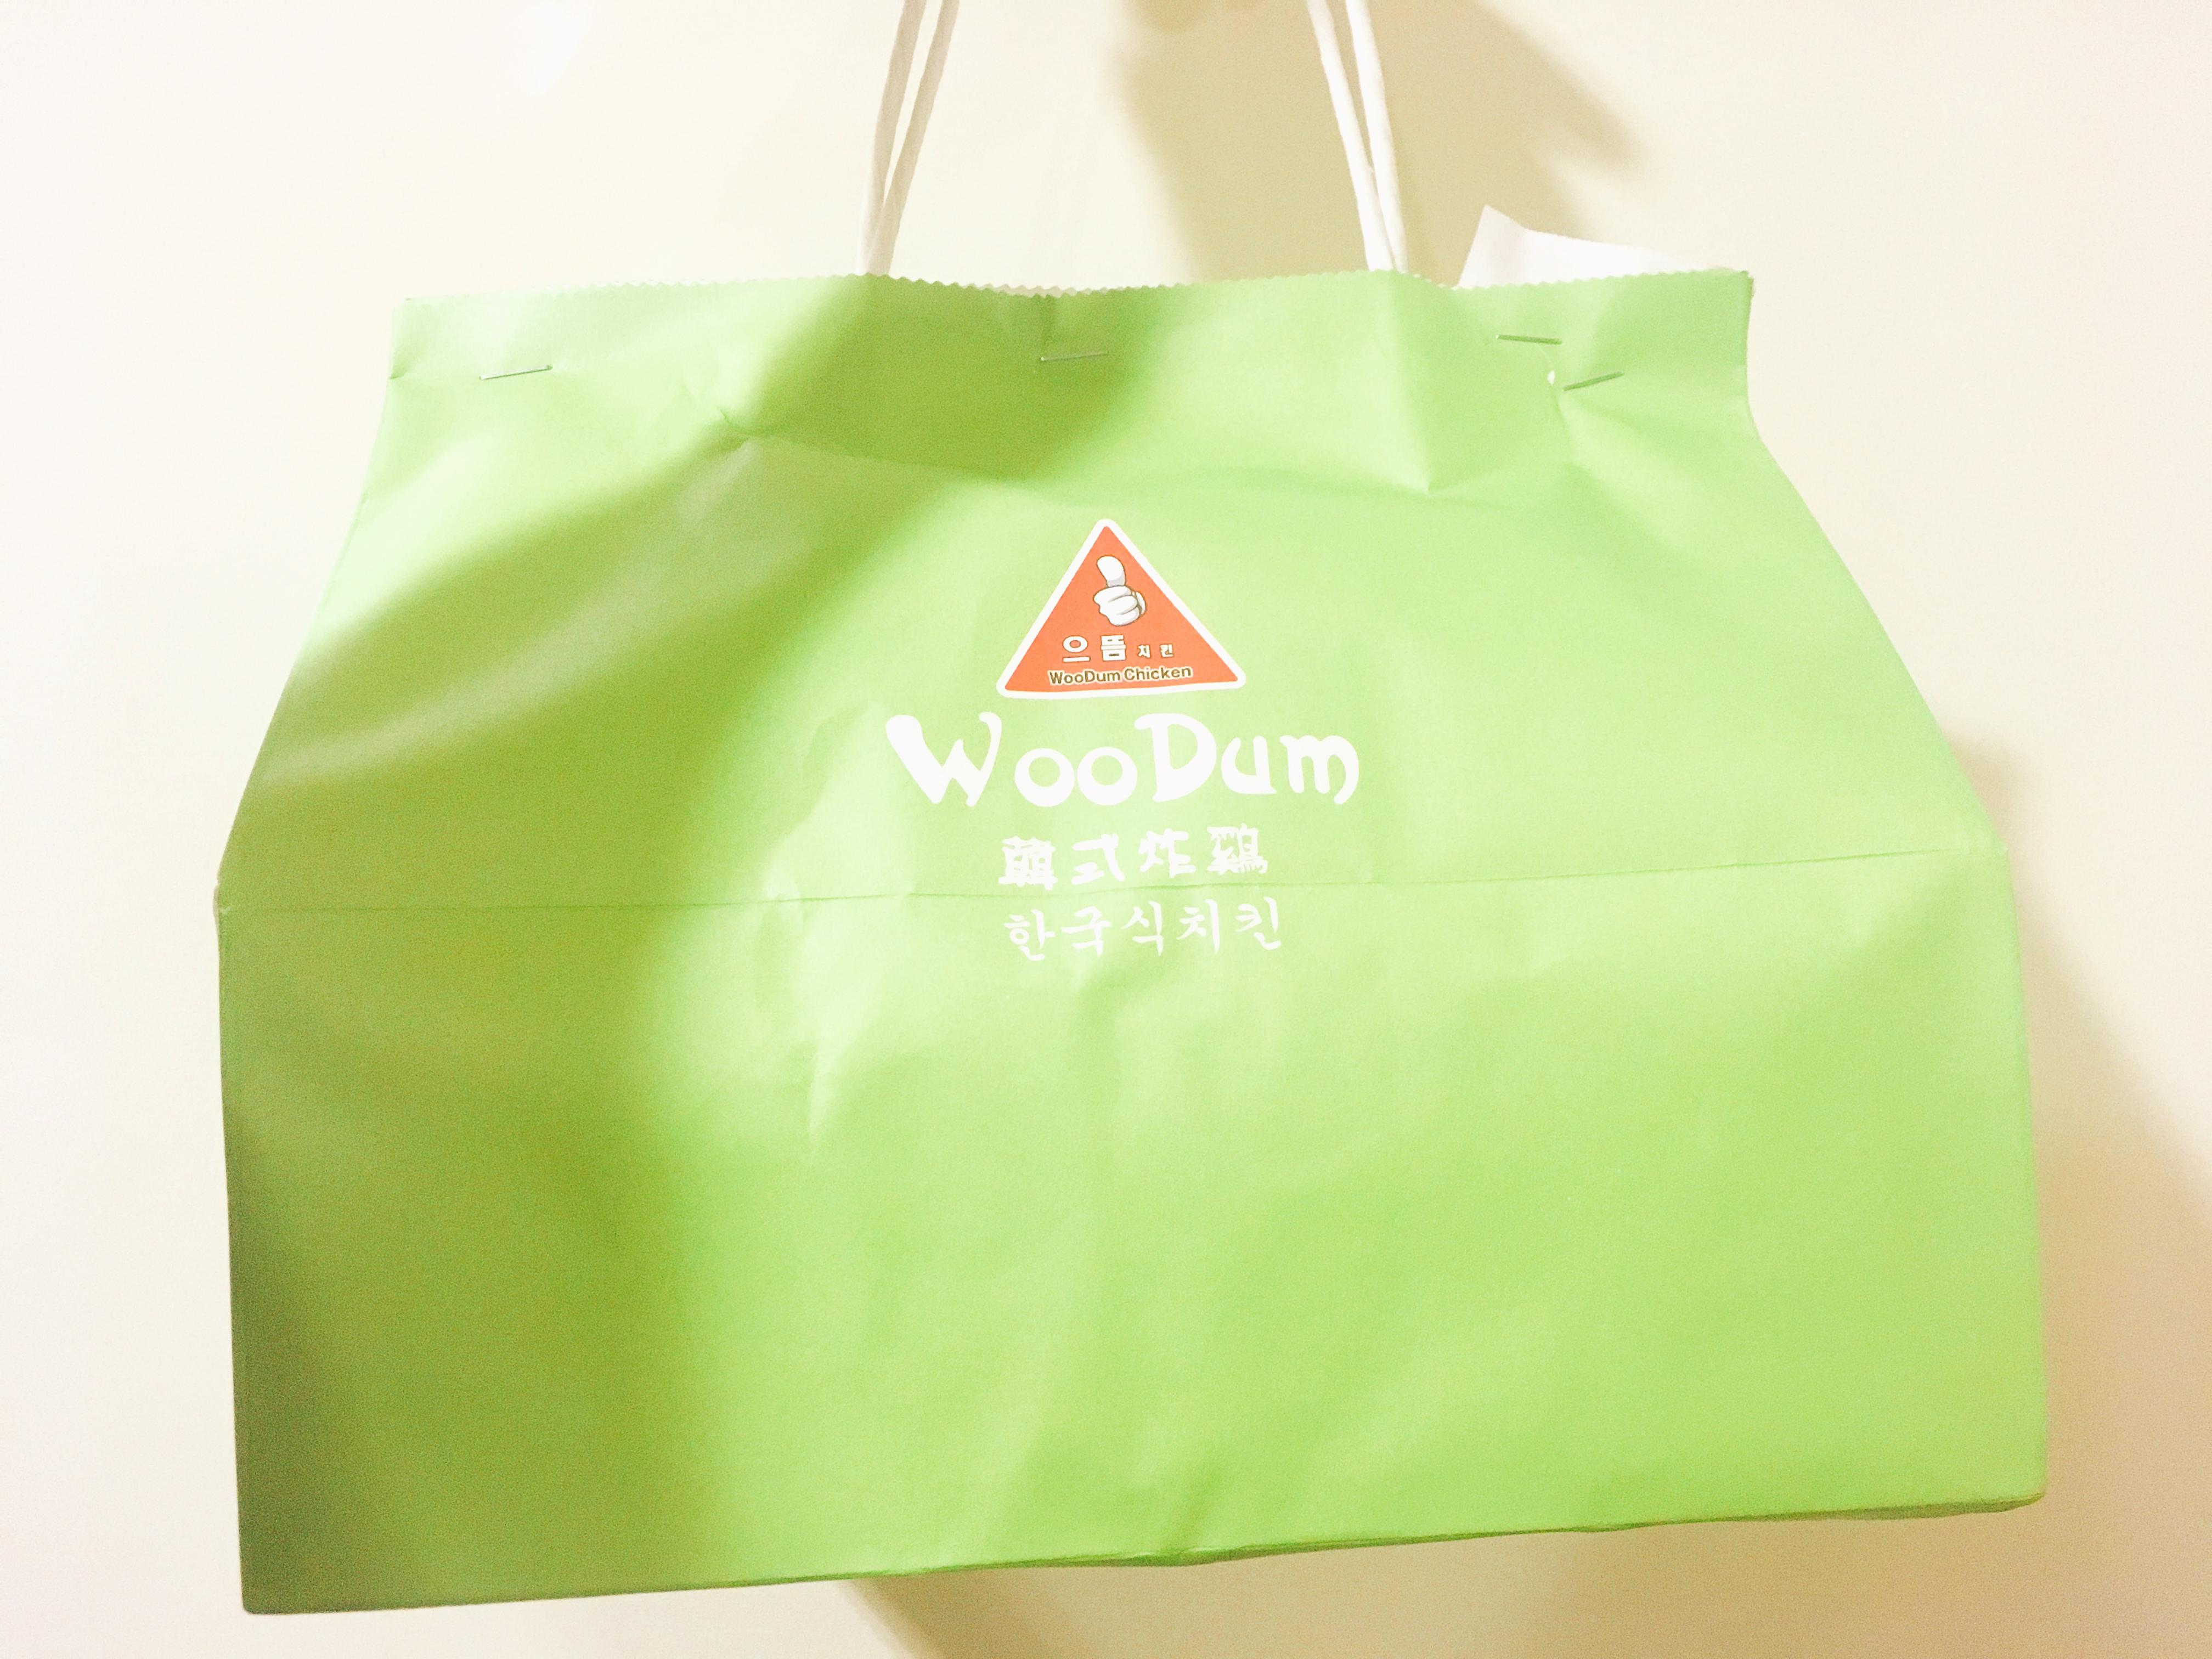 WooDum